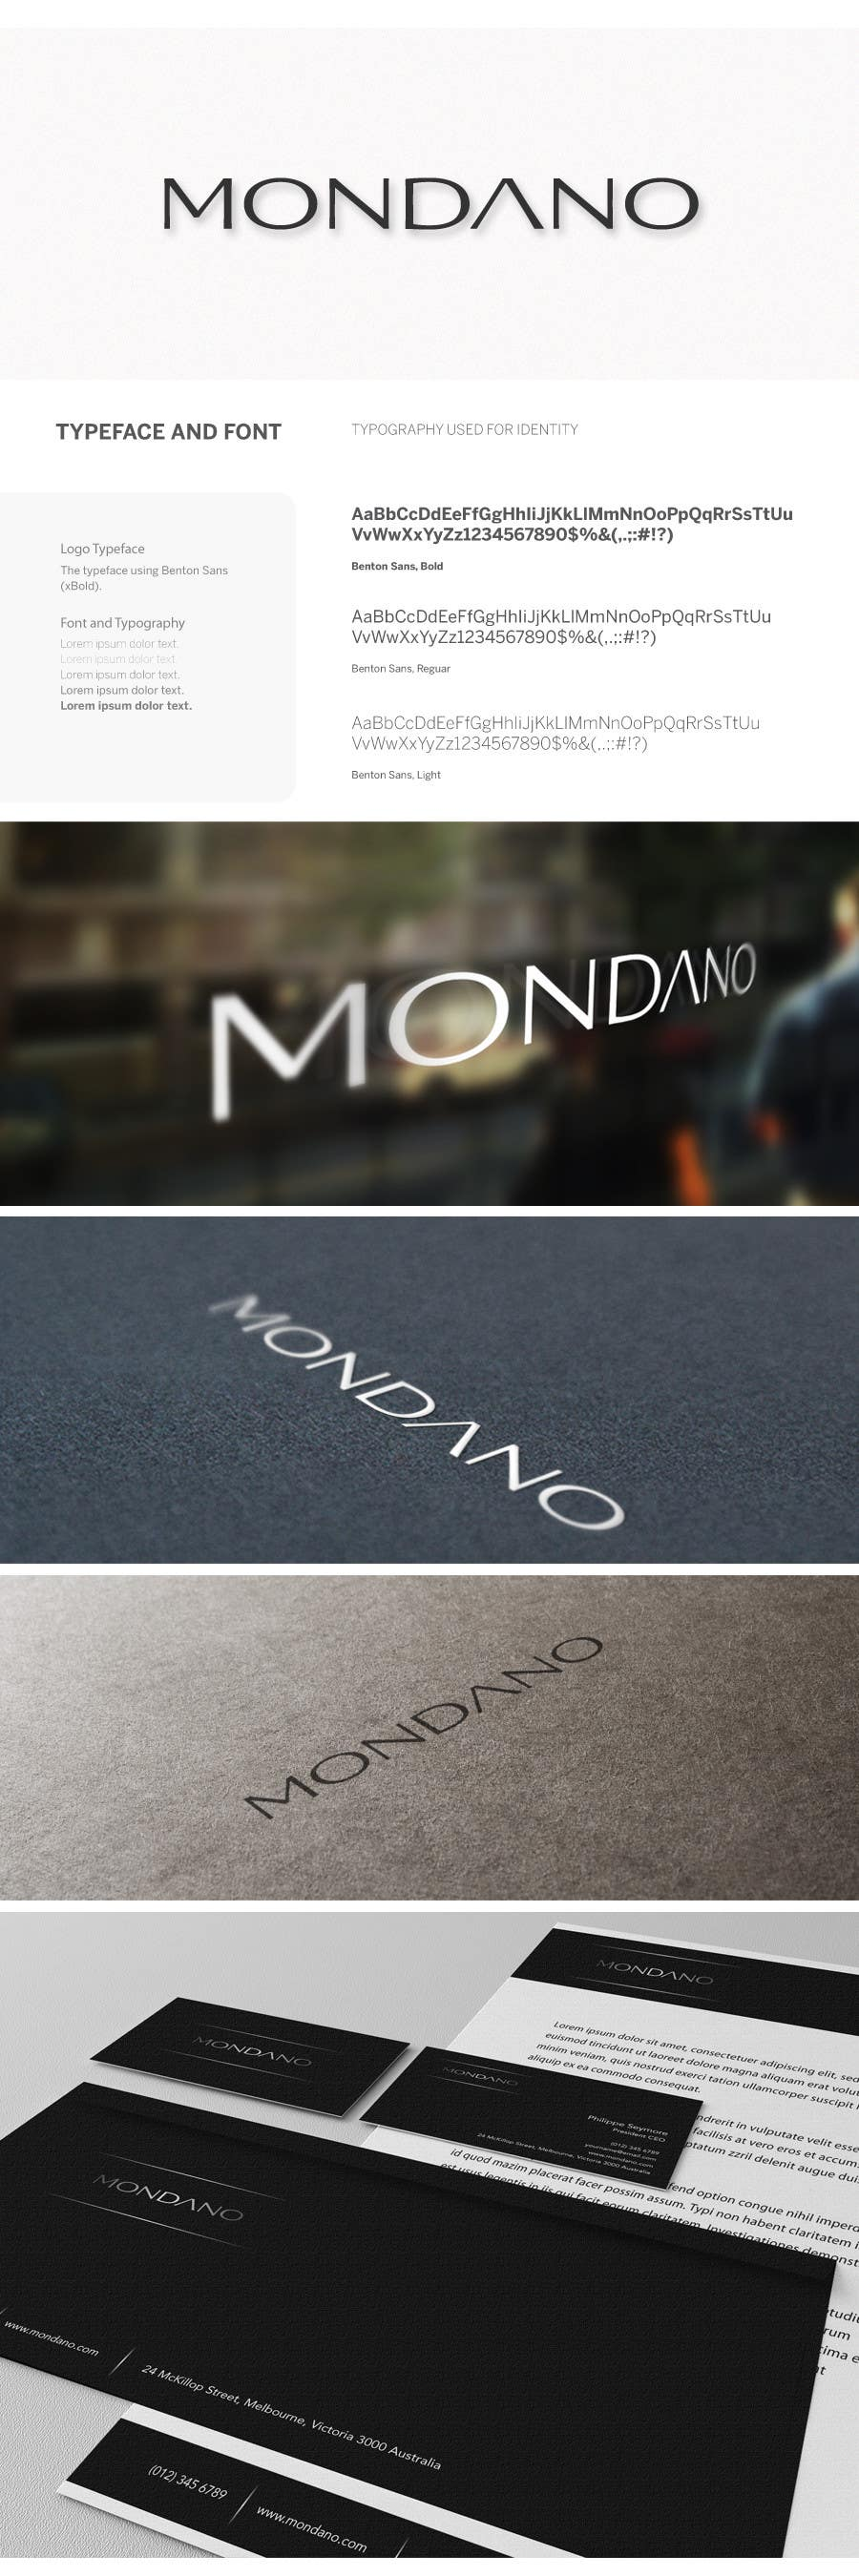 Contest Entry #534 for Logo Design for Mondano.com